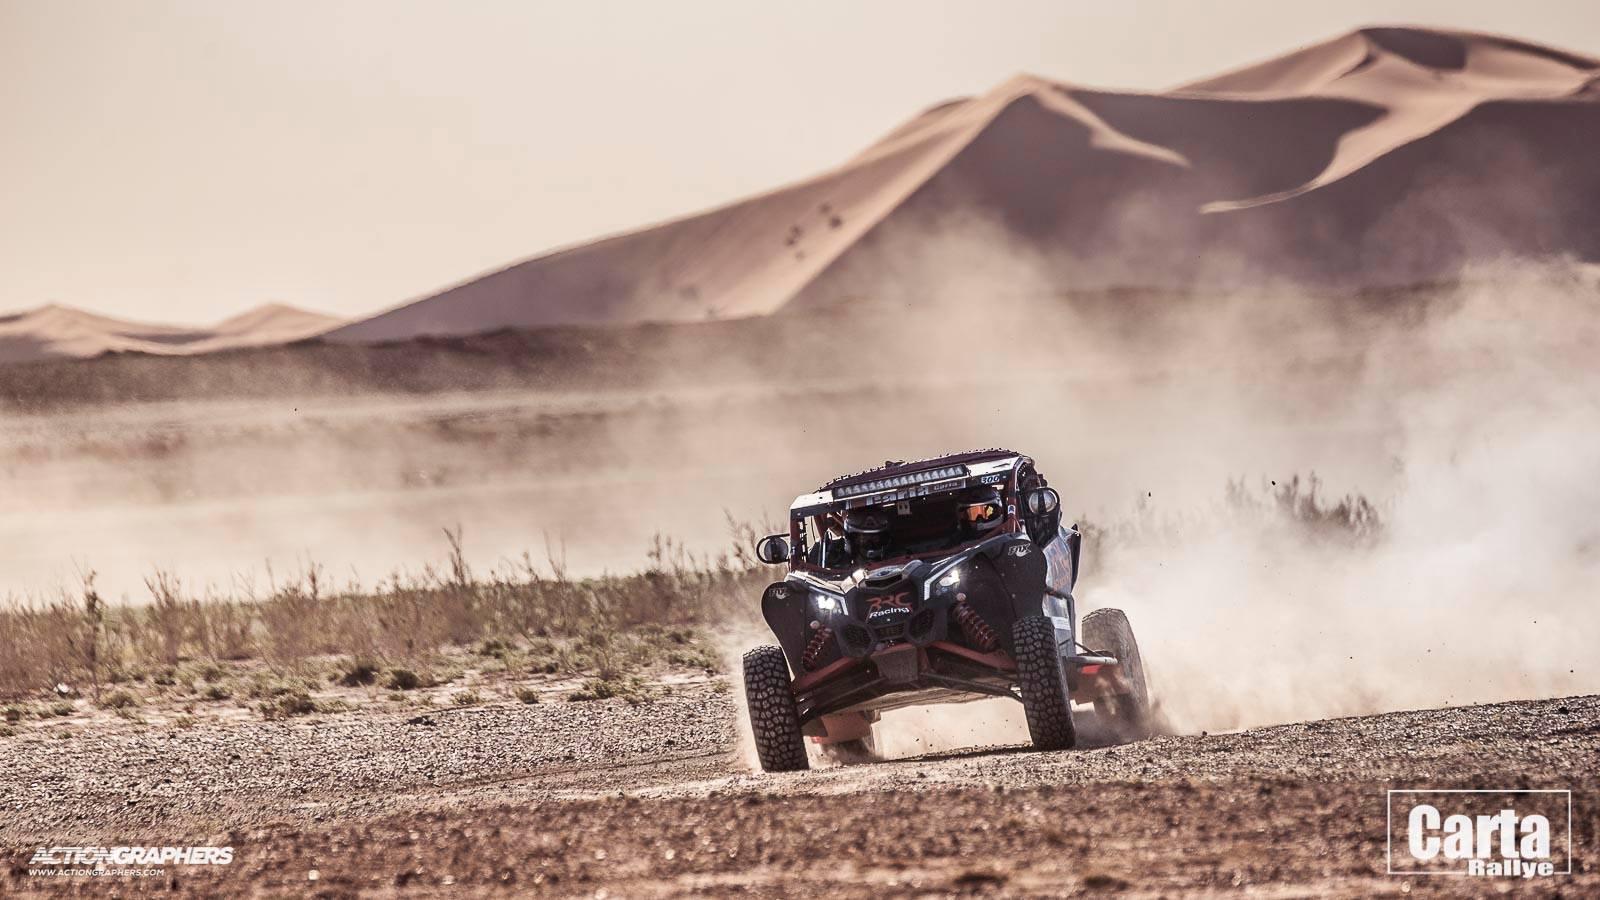 Carta Rallye 2018